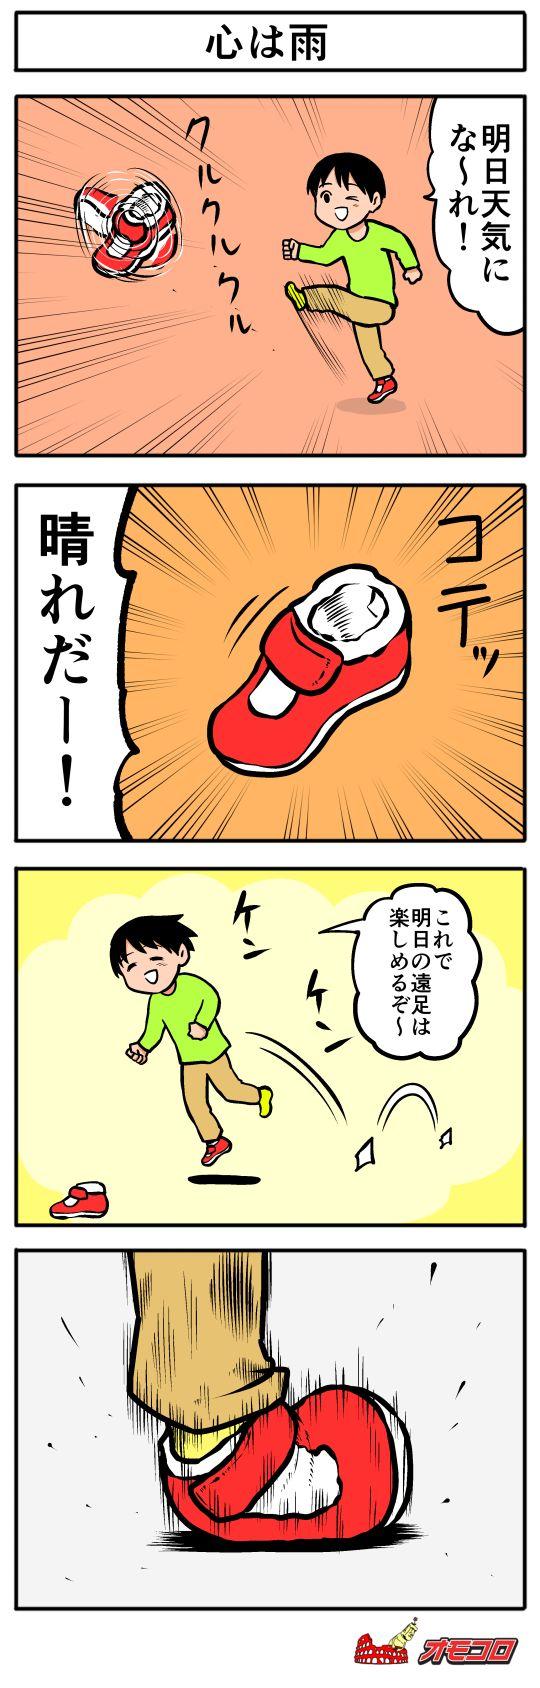 【4コマ漫画】心は雨 | オモコロ